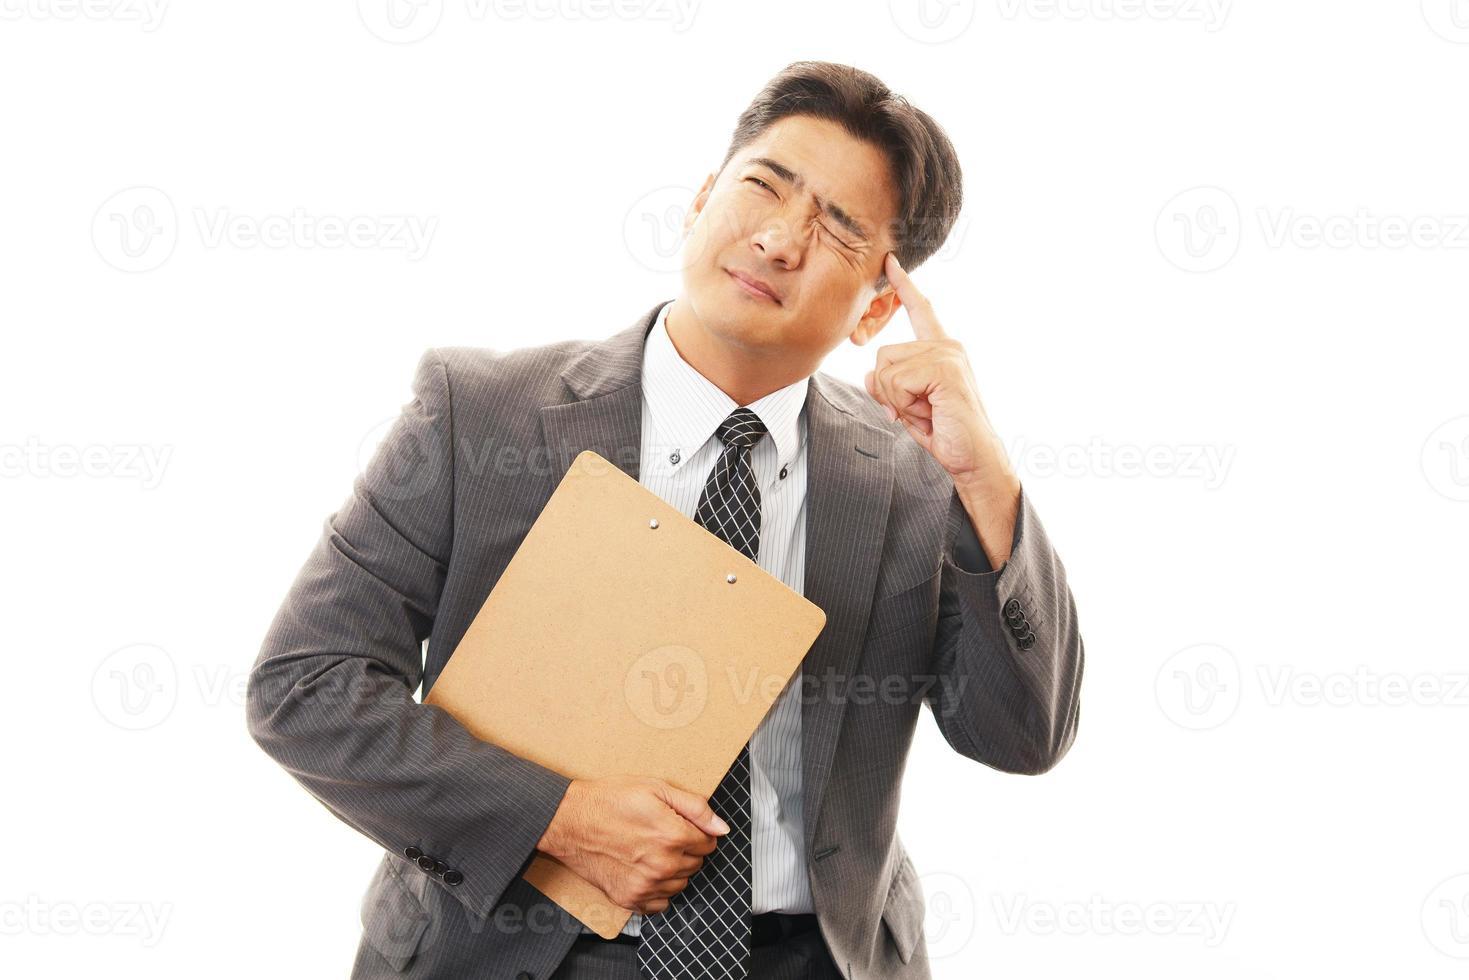 empresário frustrado foto